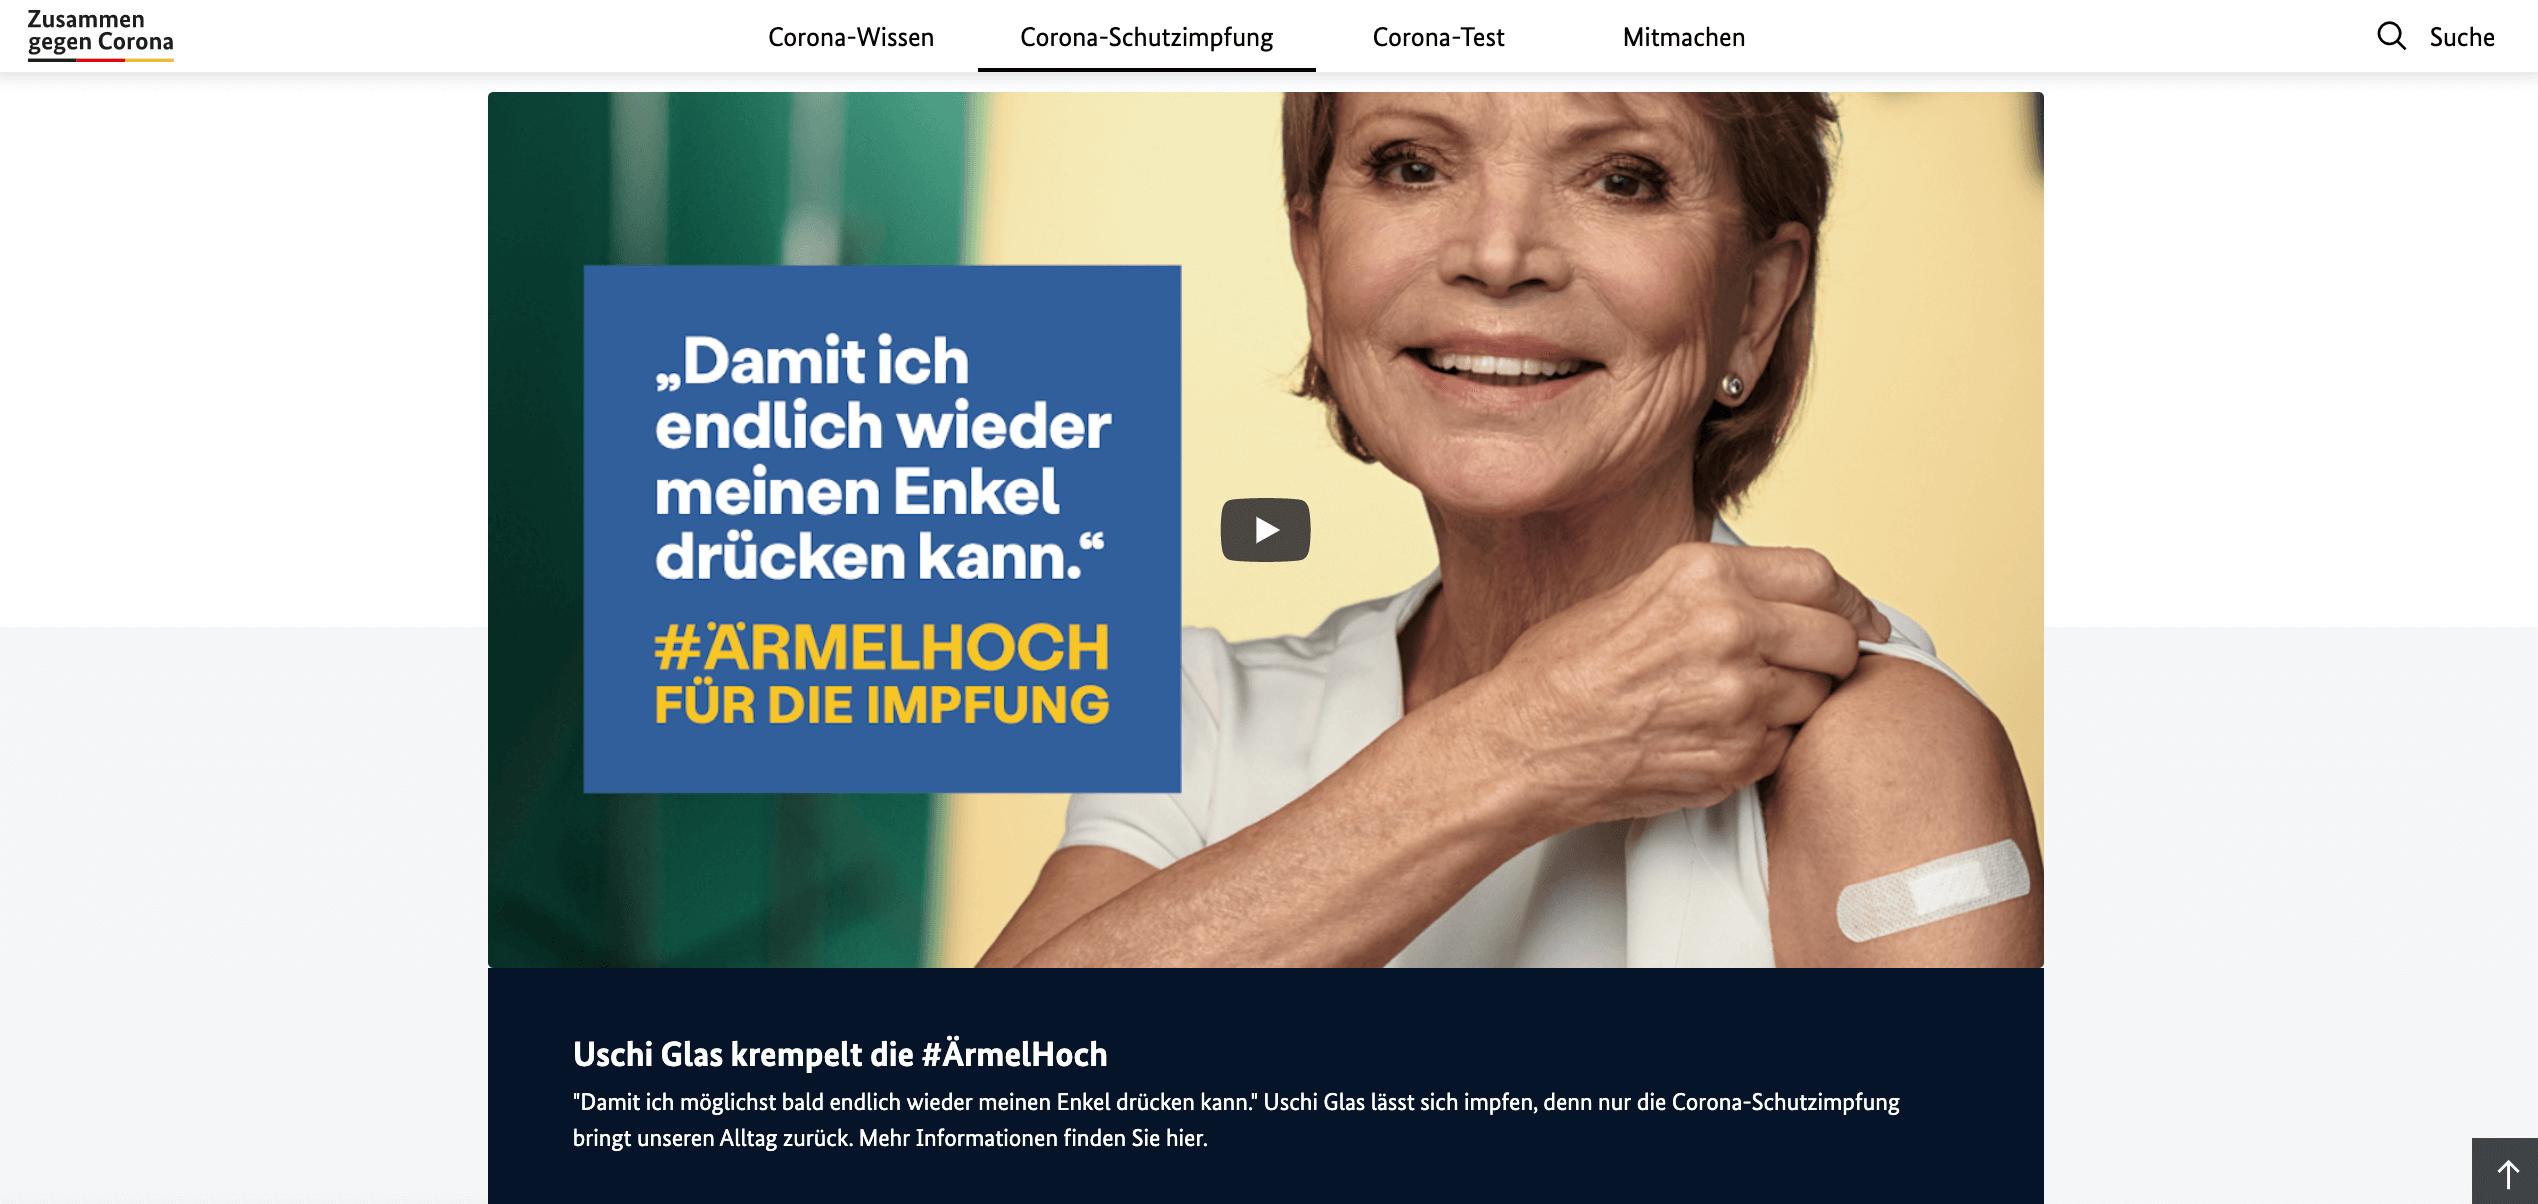 Das Startbild des Videos mit Uschi Glas im Rahmen der #ÄrmelHoch-Kampagne mit einem Pflaster auf dem linken Arm (Quelle: Bundesgesundheitsministerium / Screenshot: CORRECTIV.Faktencheck)